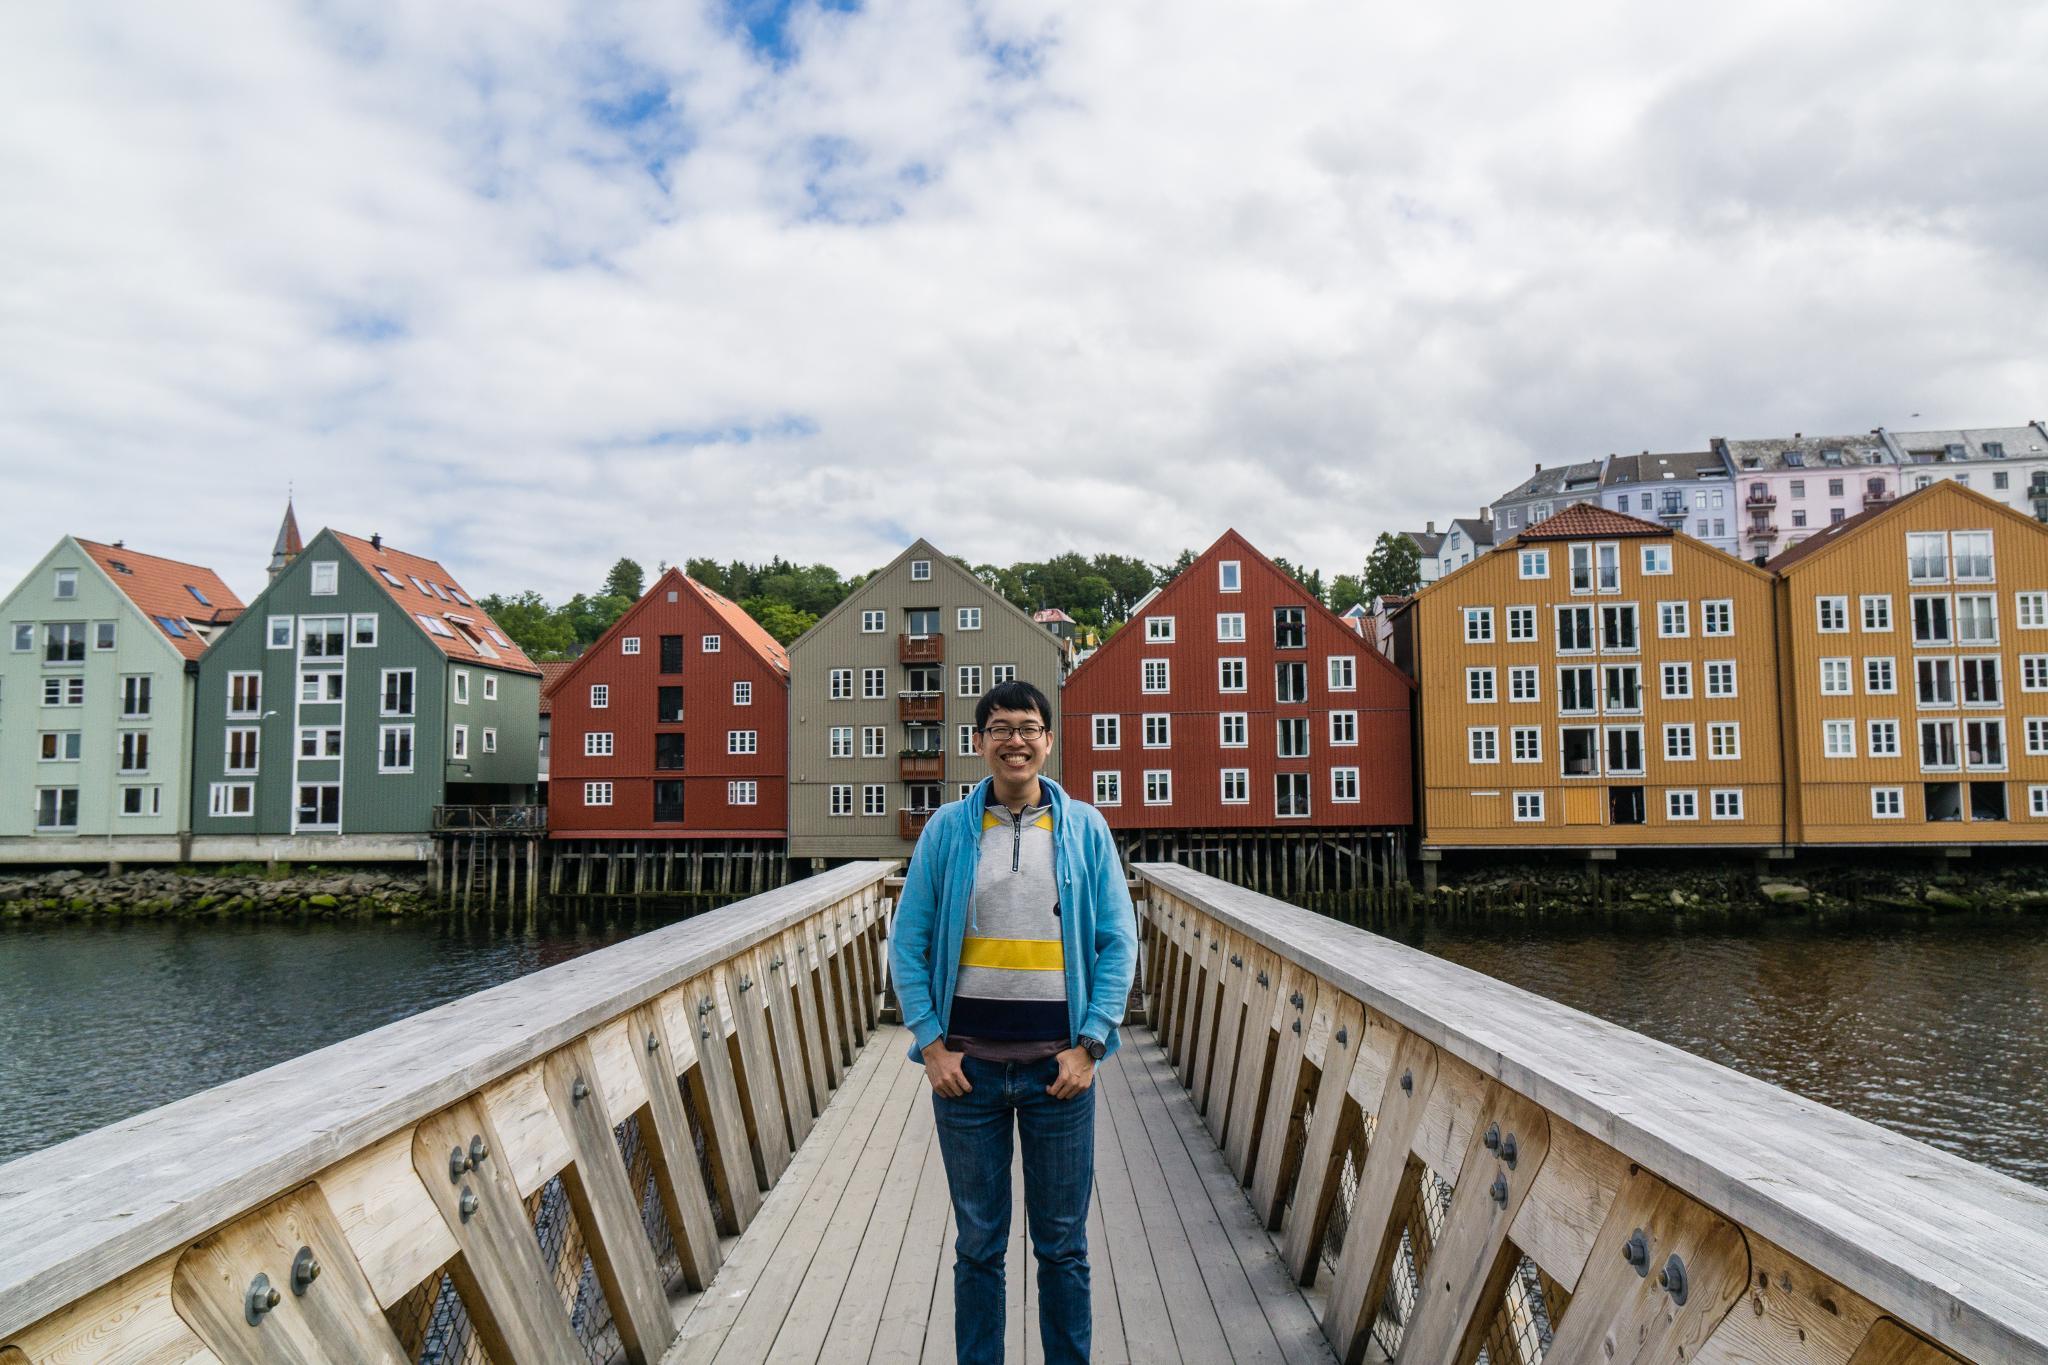 【北歐景點】拜訪維京王的千年古城 - Trondheim 特隆赫姆景點懶人包 39